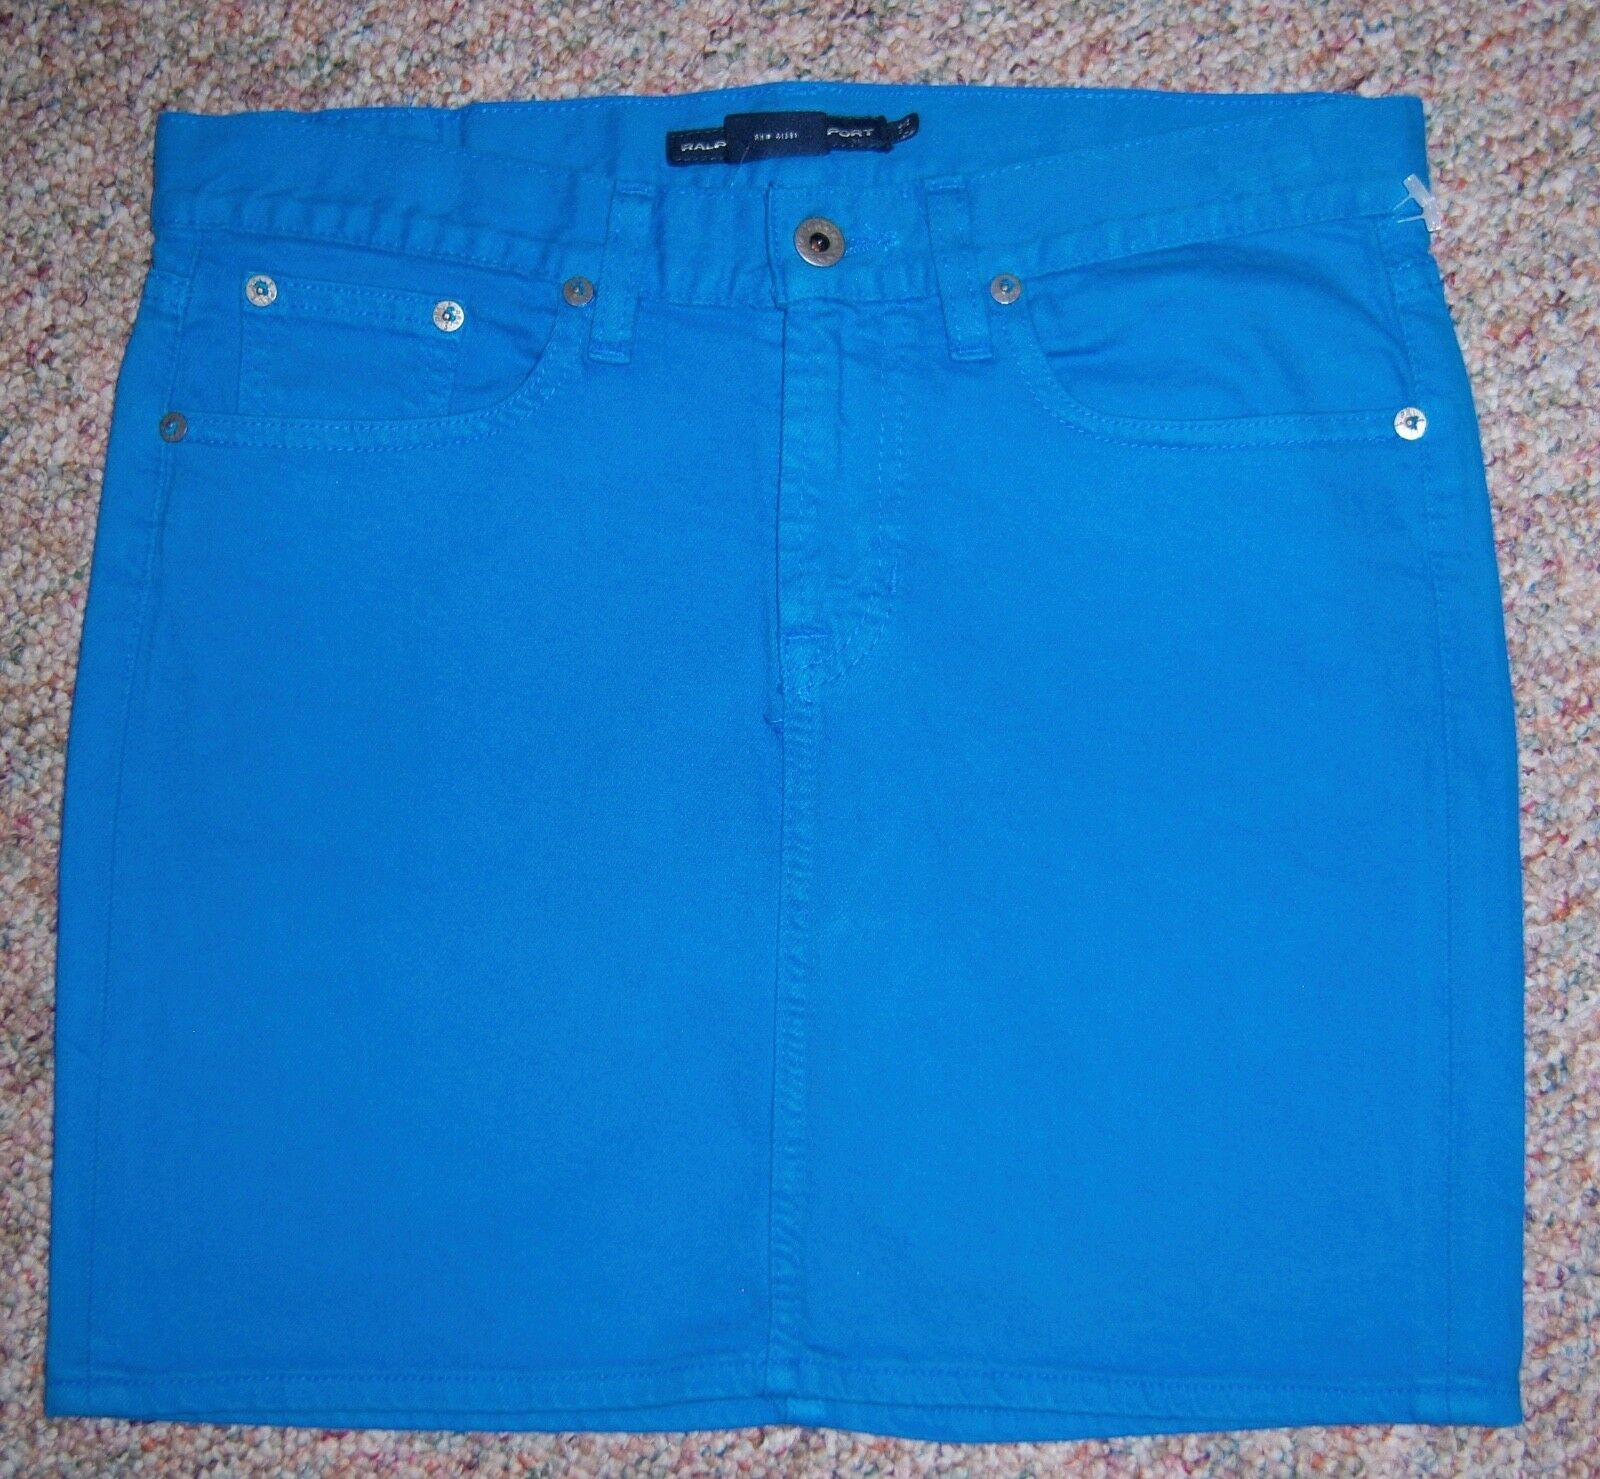 RALPH LAUREN Turquoise Denim Short Above Knee Straight Jean Skirt Size 28 or 6